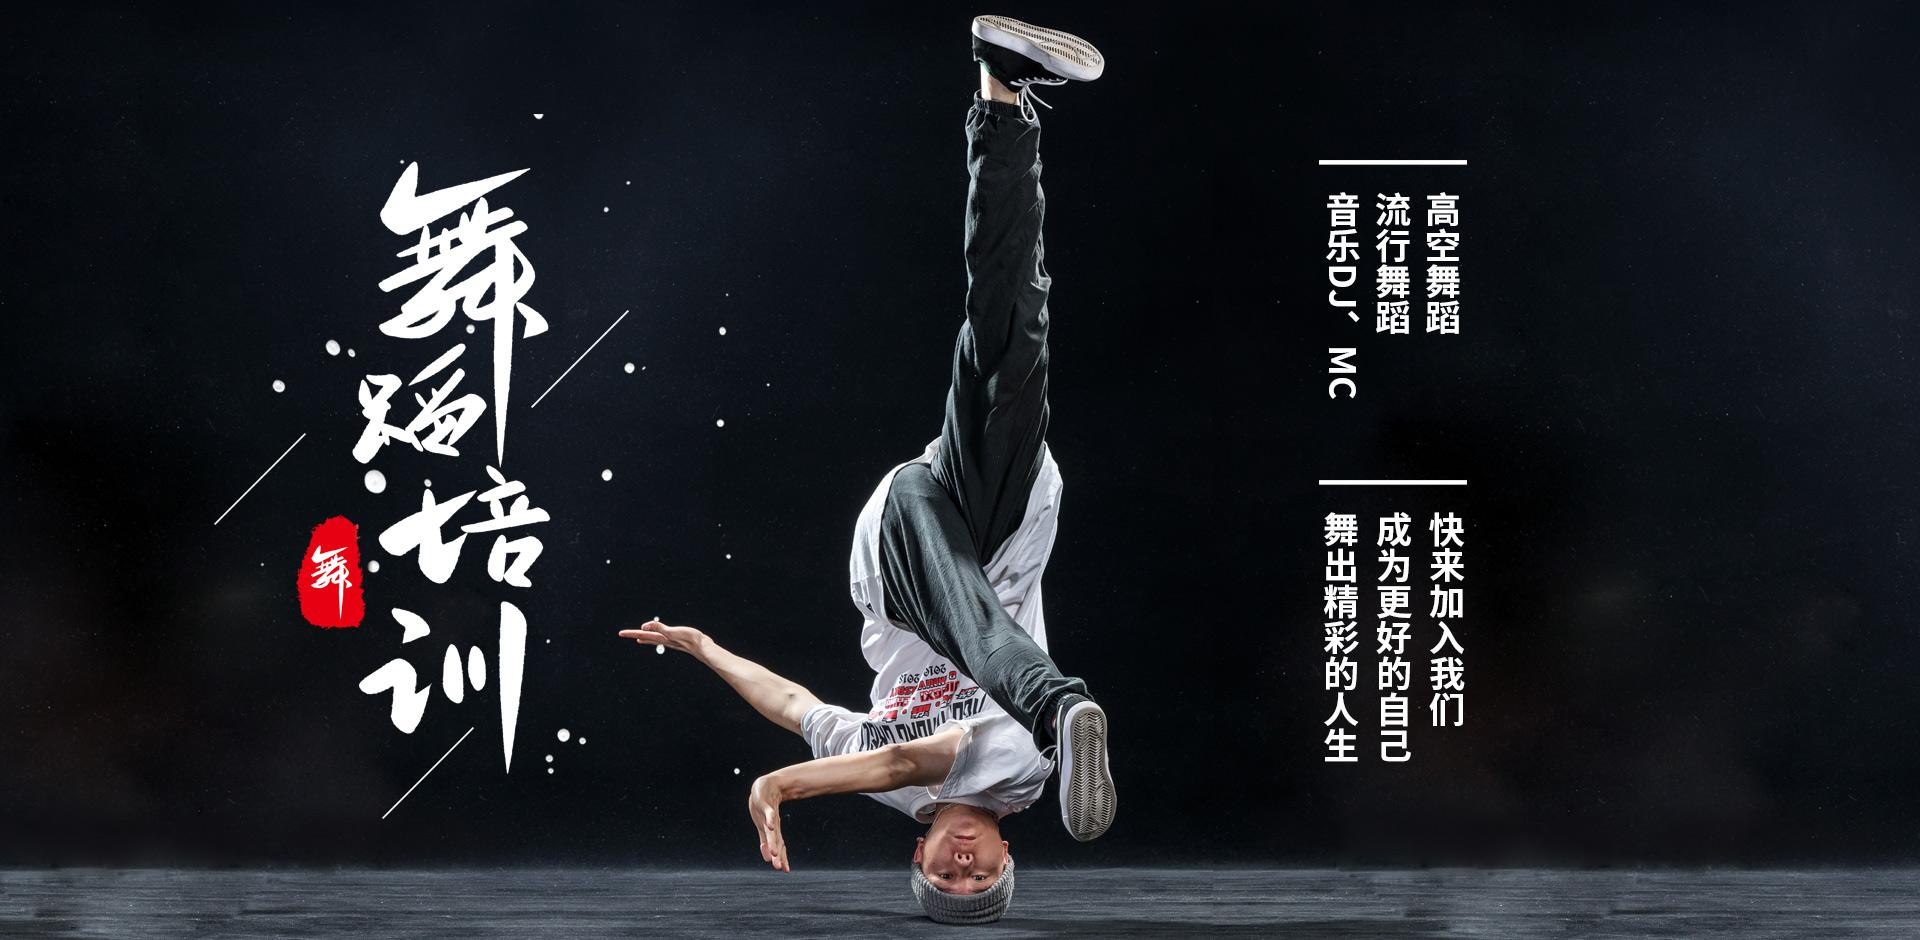 宜昌钢管舞培训